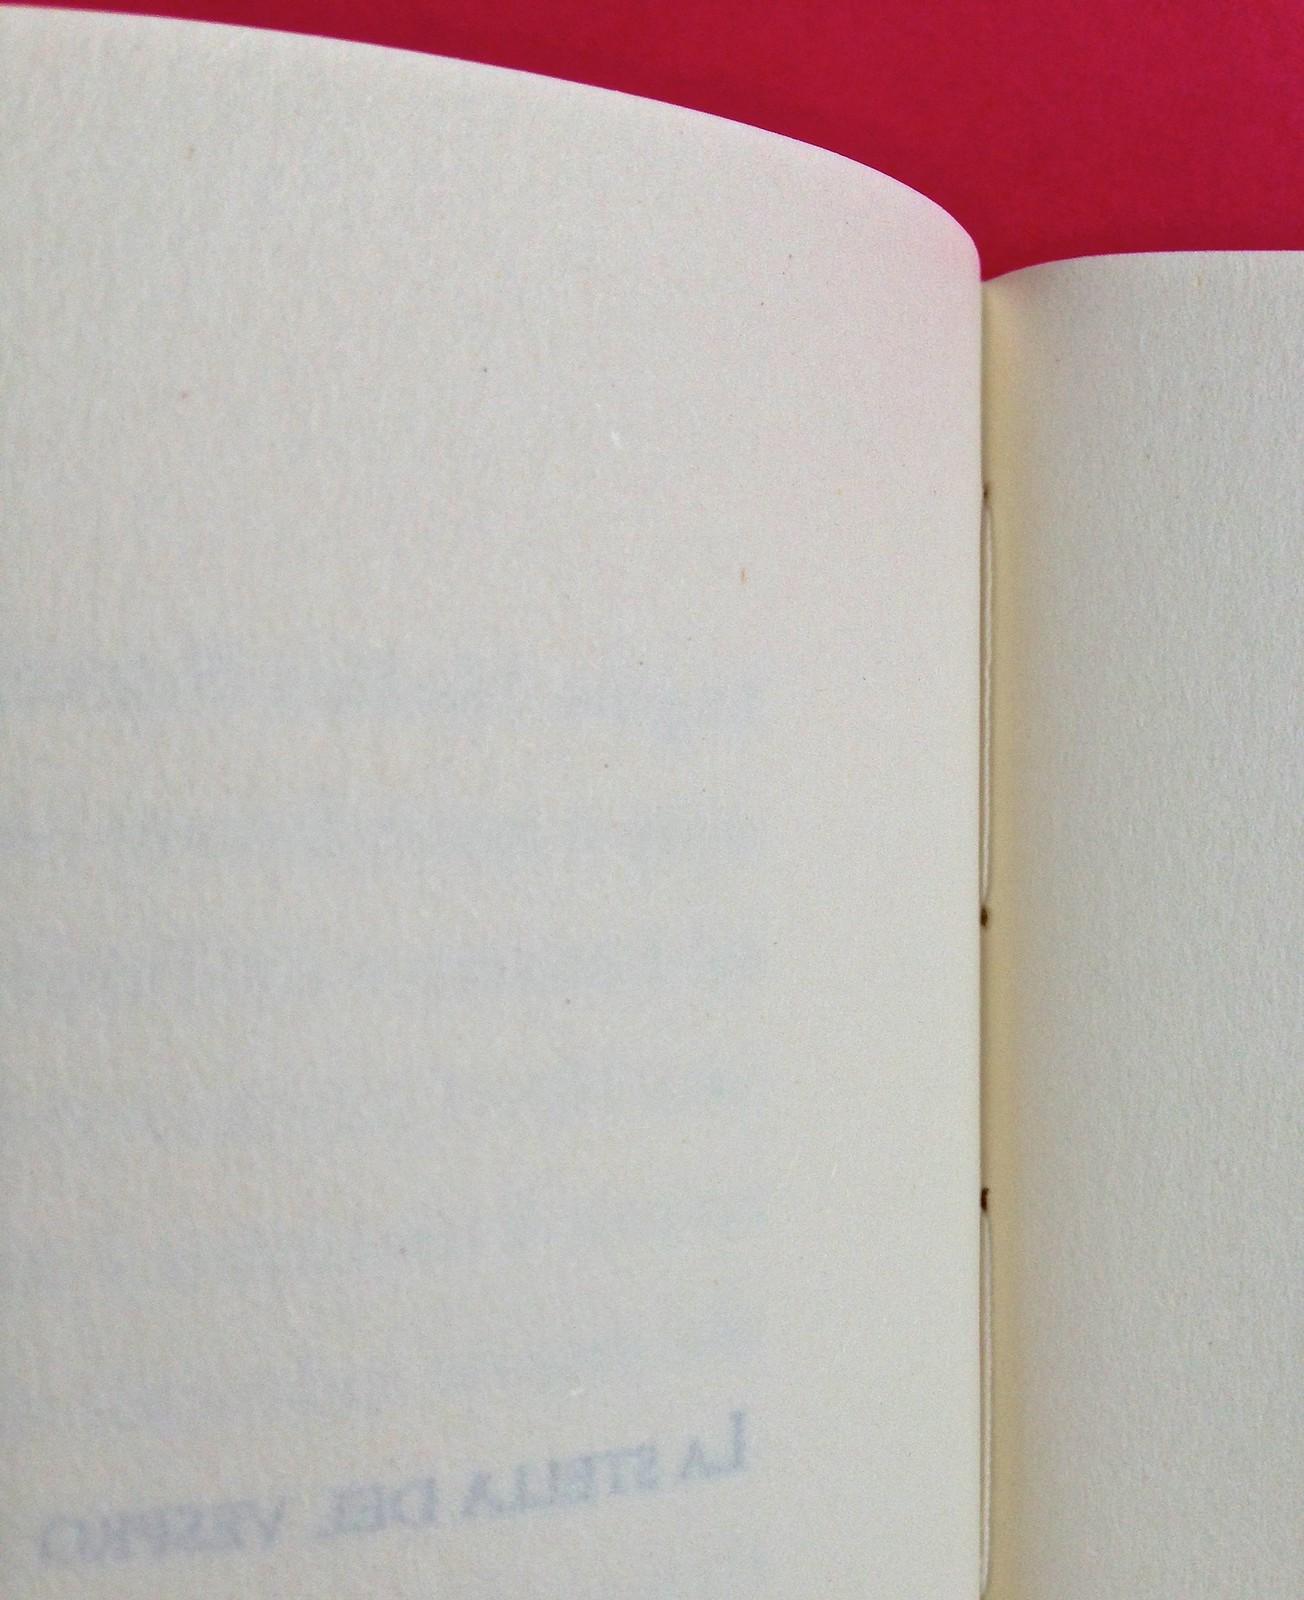 La stella del vespro, di Colette. Del Vecchio Editore 2015. Art direction, cover, illustrazioni, logo design: IFIX | Maurizio Ceccato. Fra le pag. 272 e 273 (part.), 1